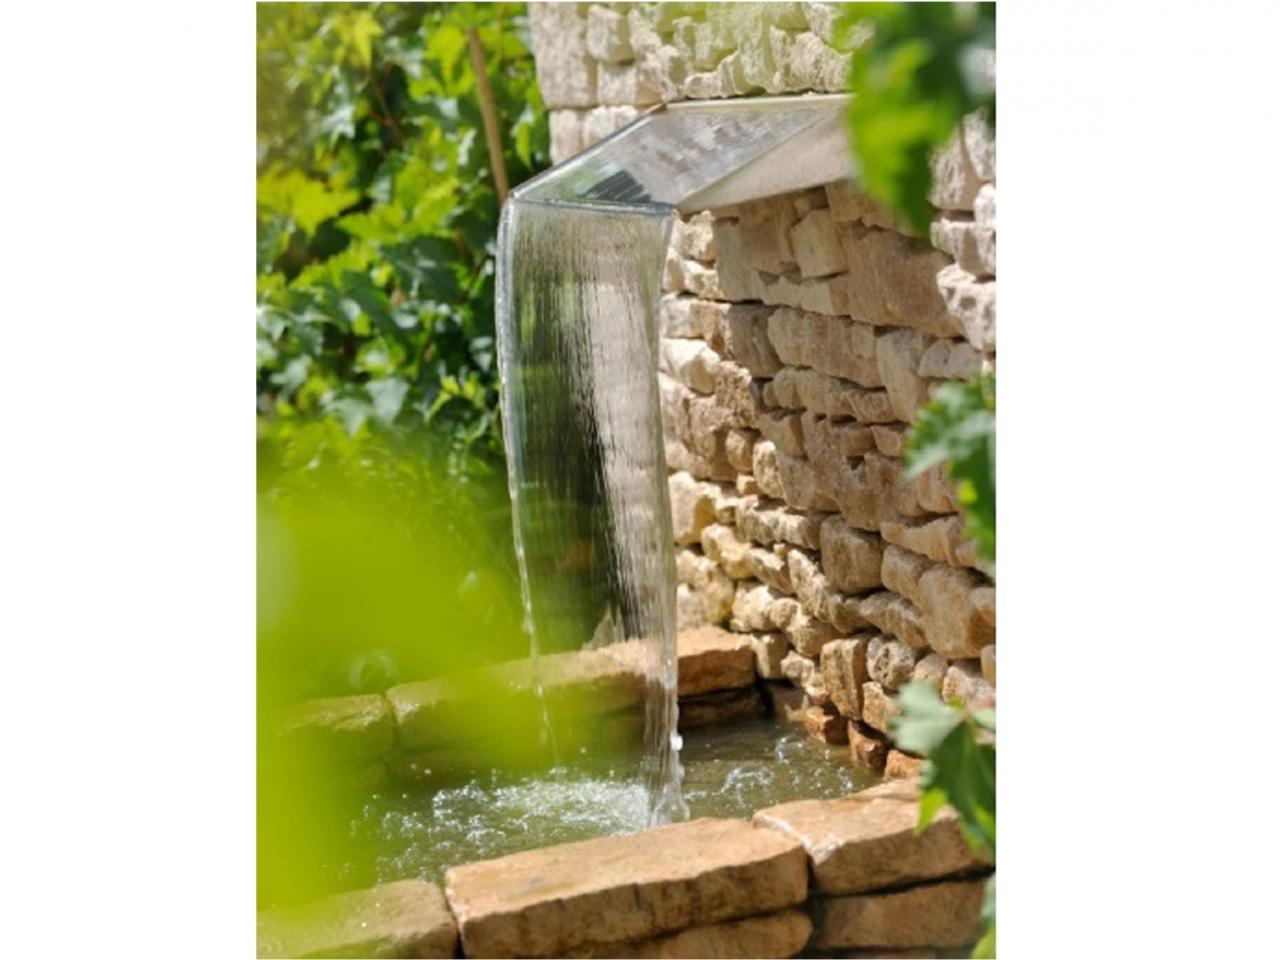 Bassin, lame d'eau